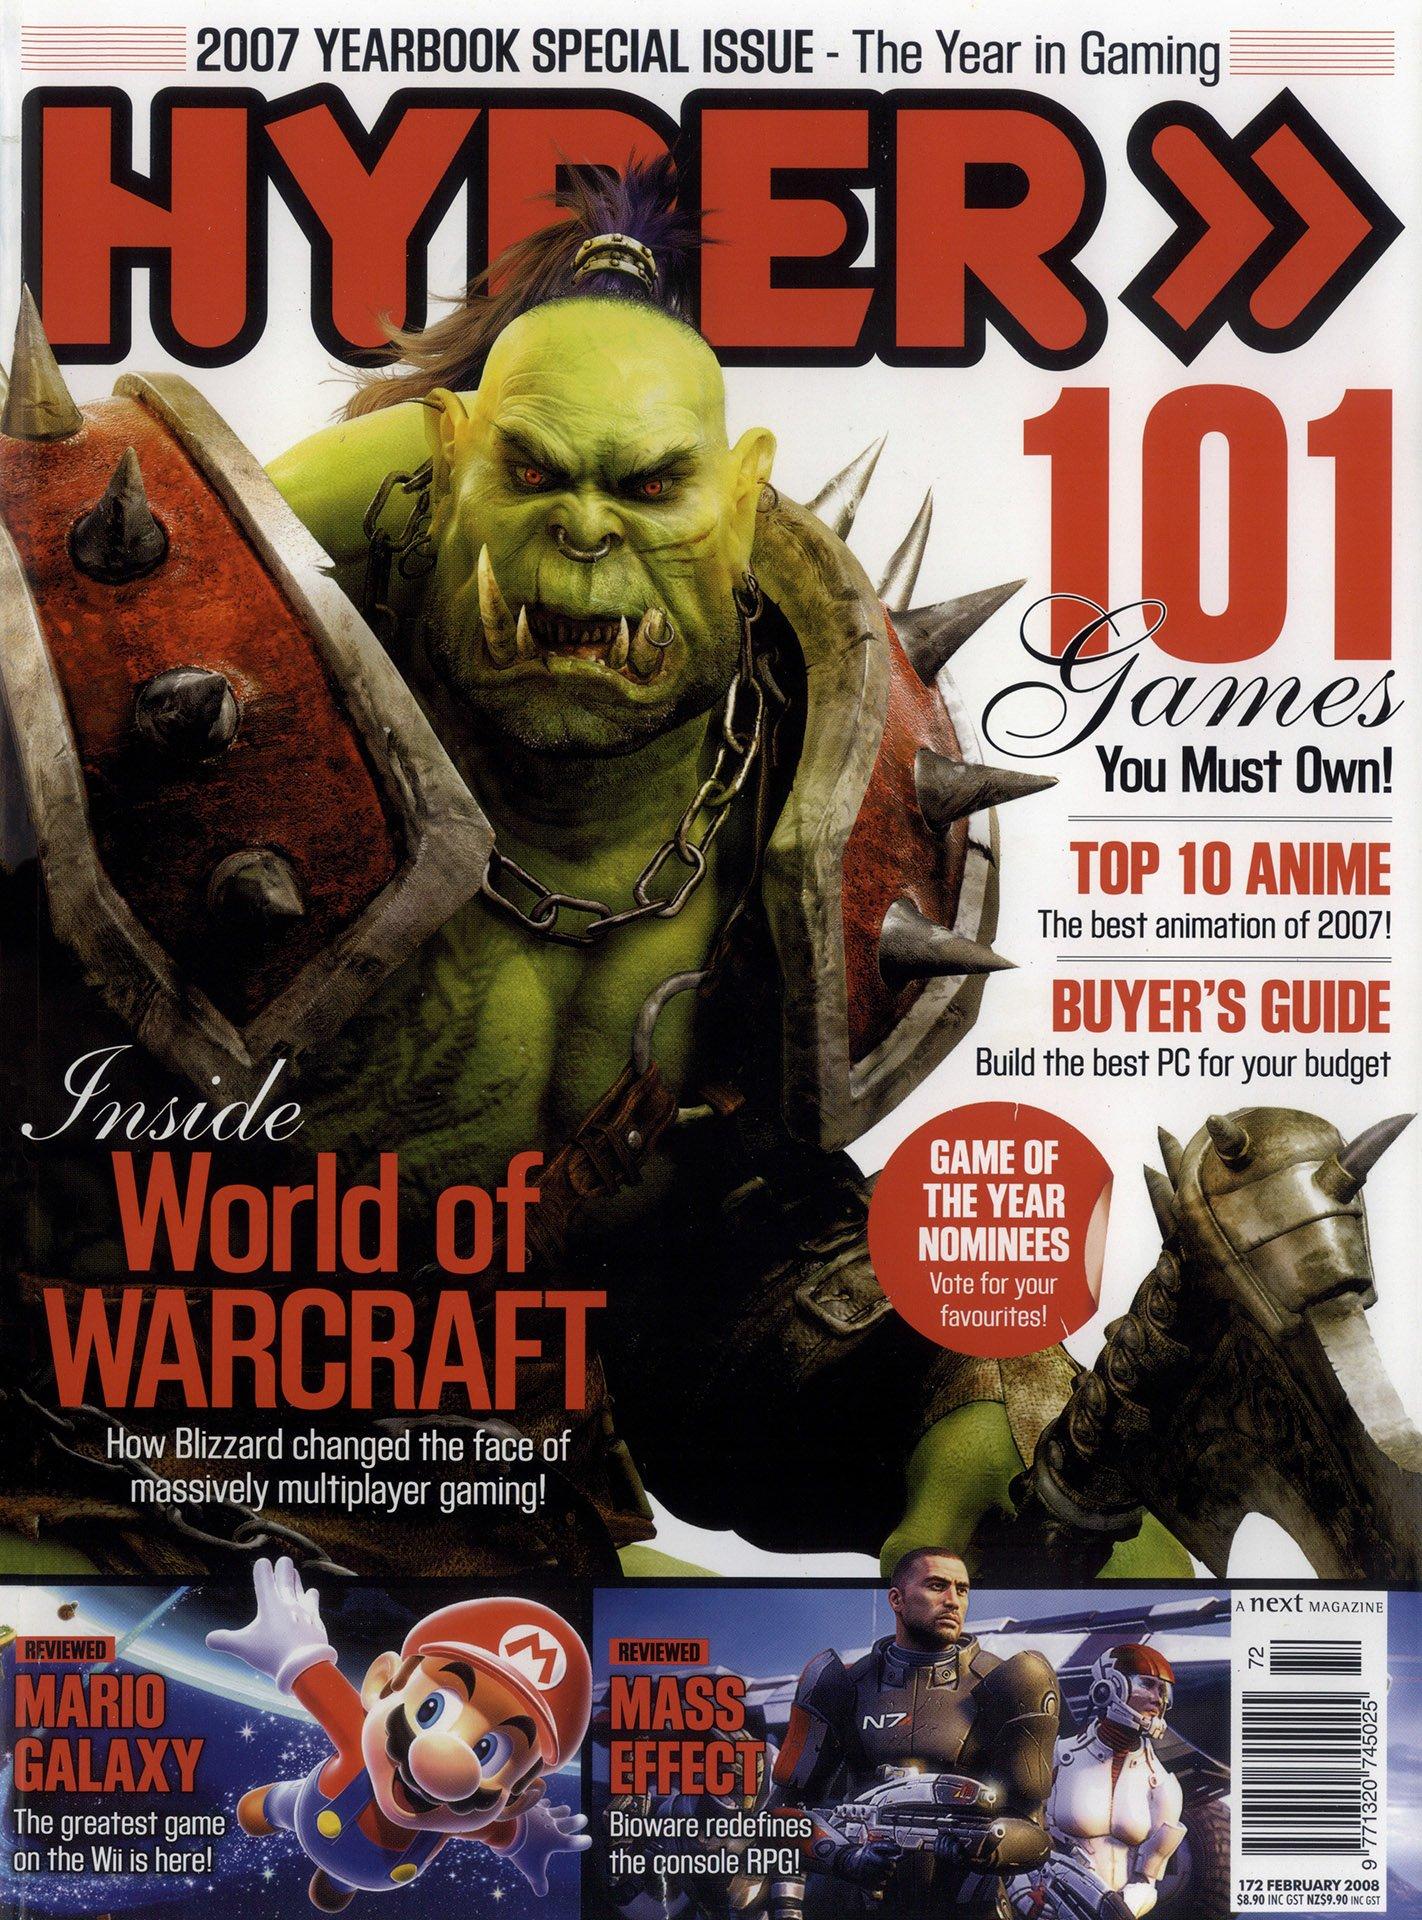 Hyper 172 (February 2008)